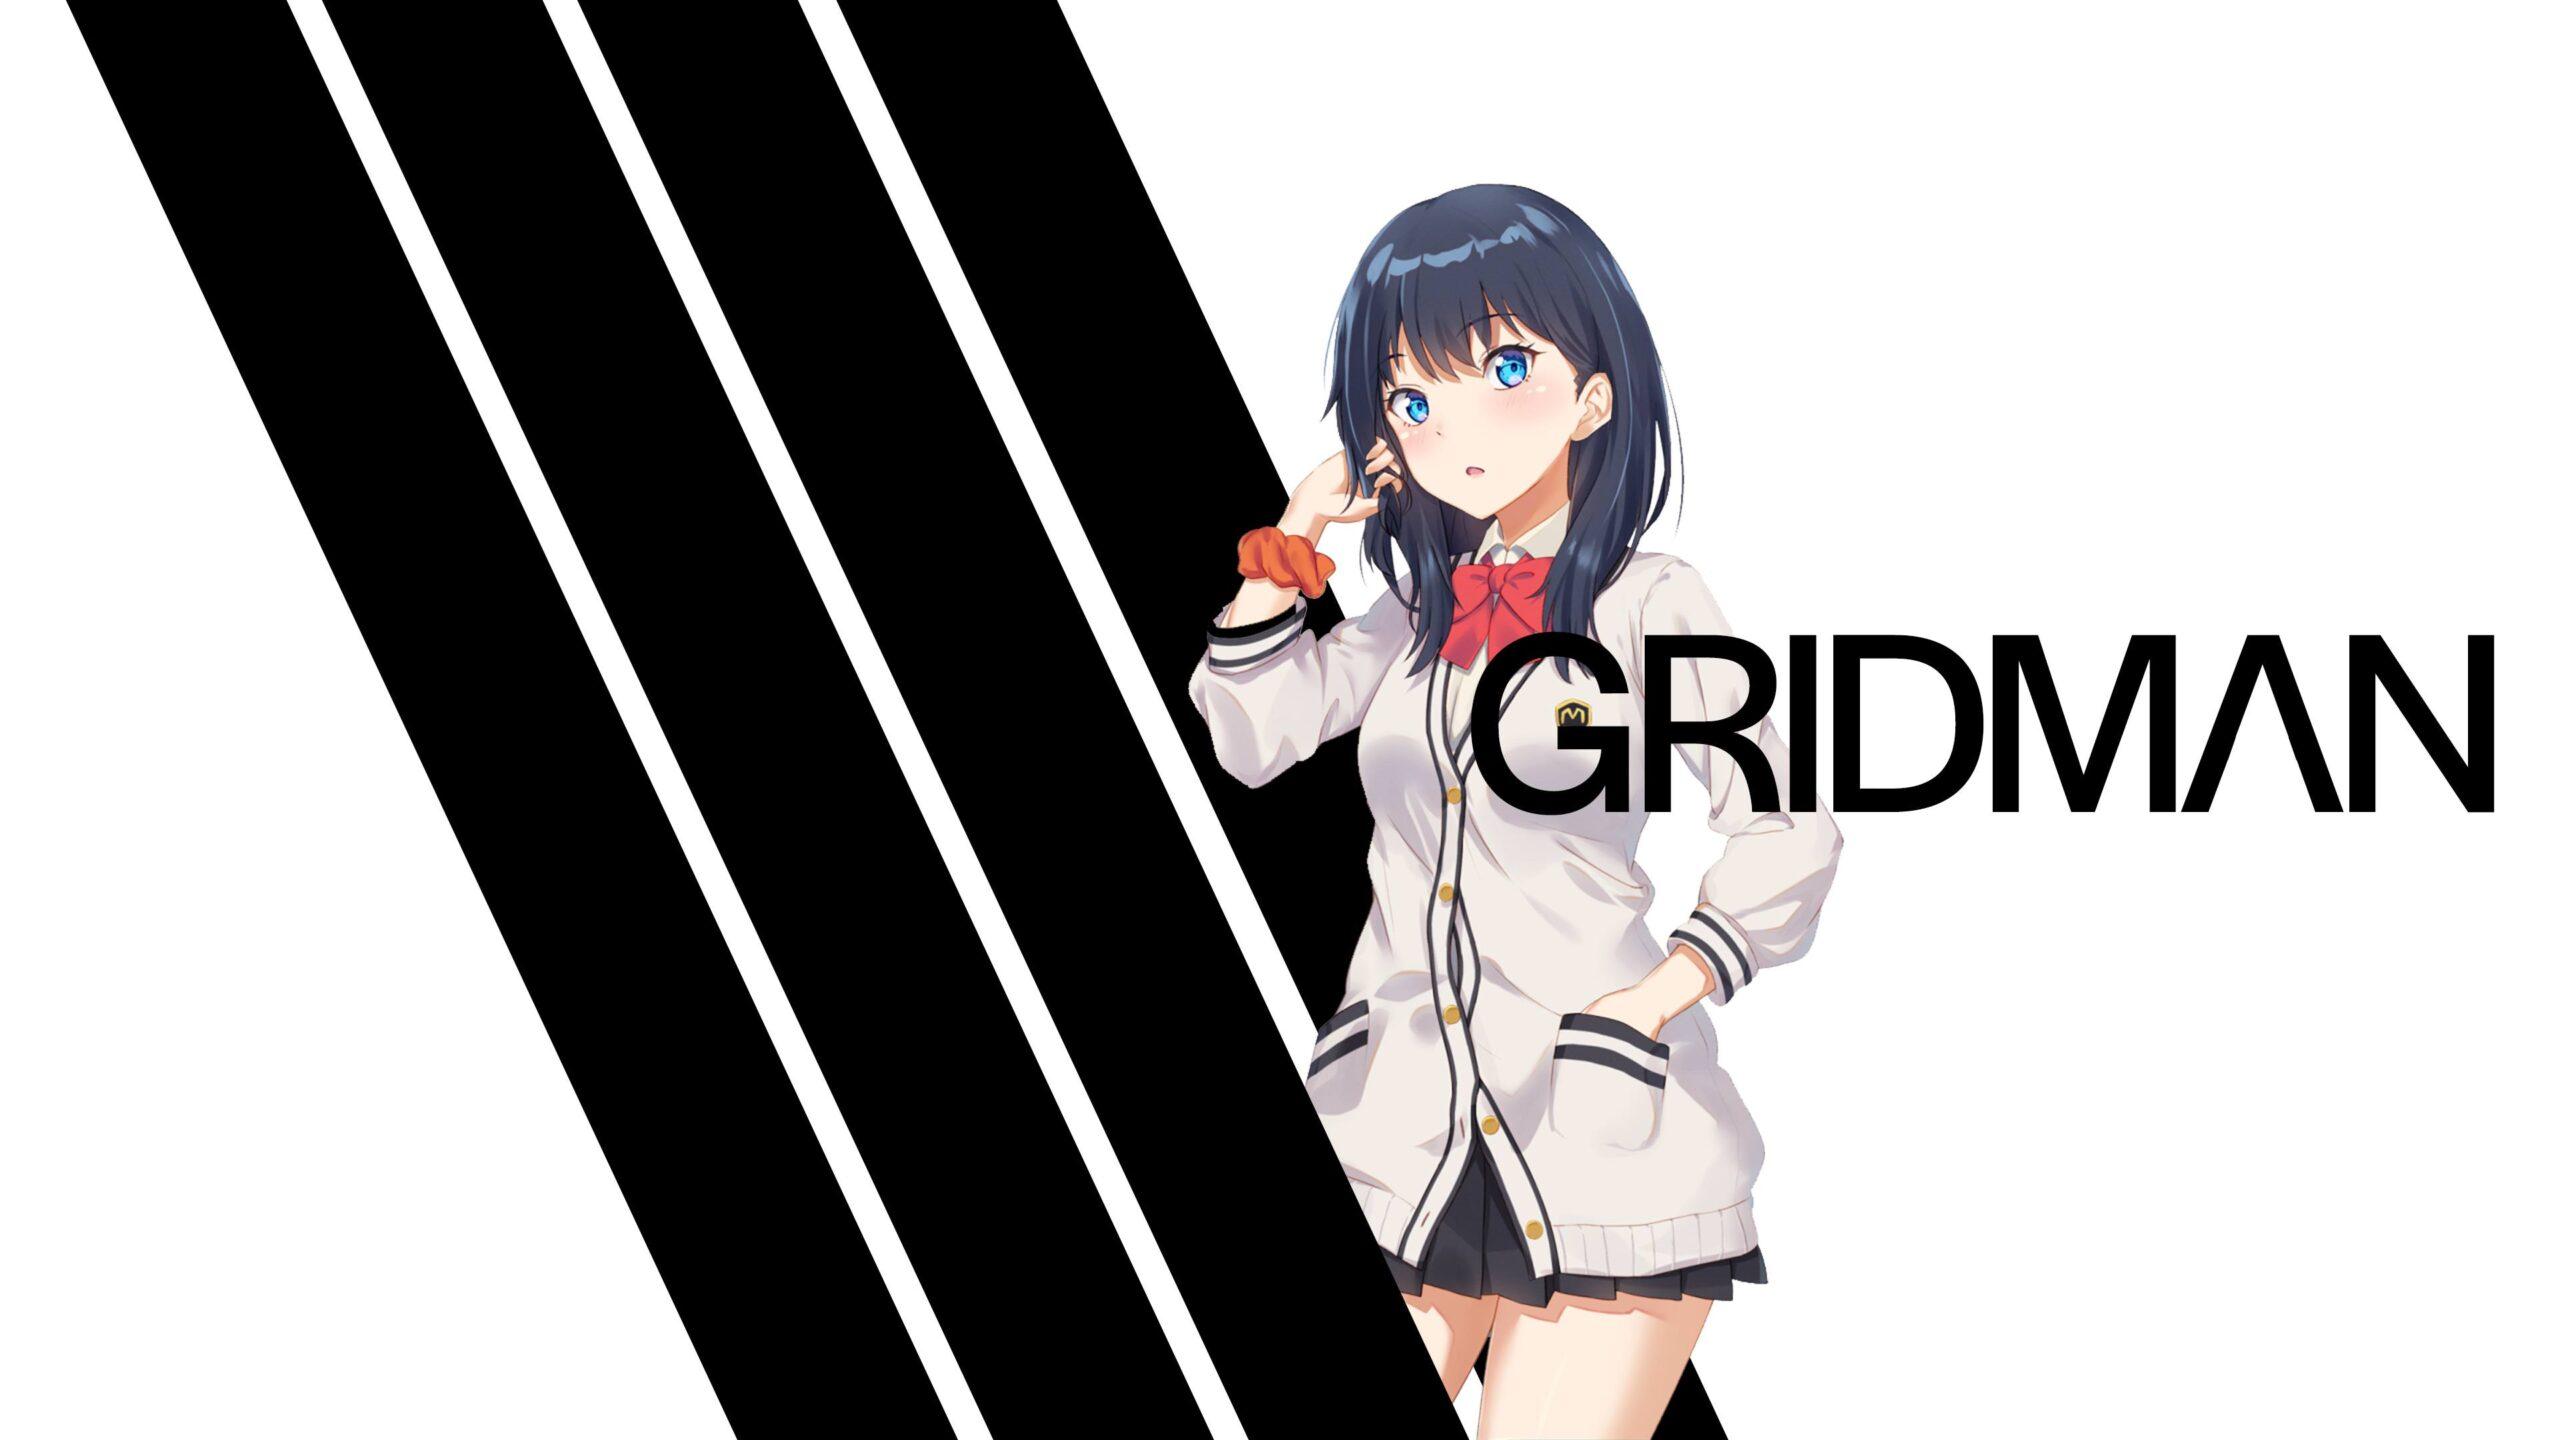 Rikka from Gridman